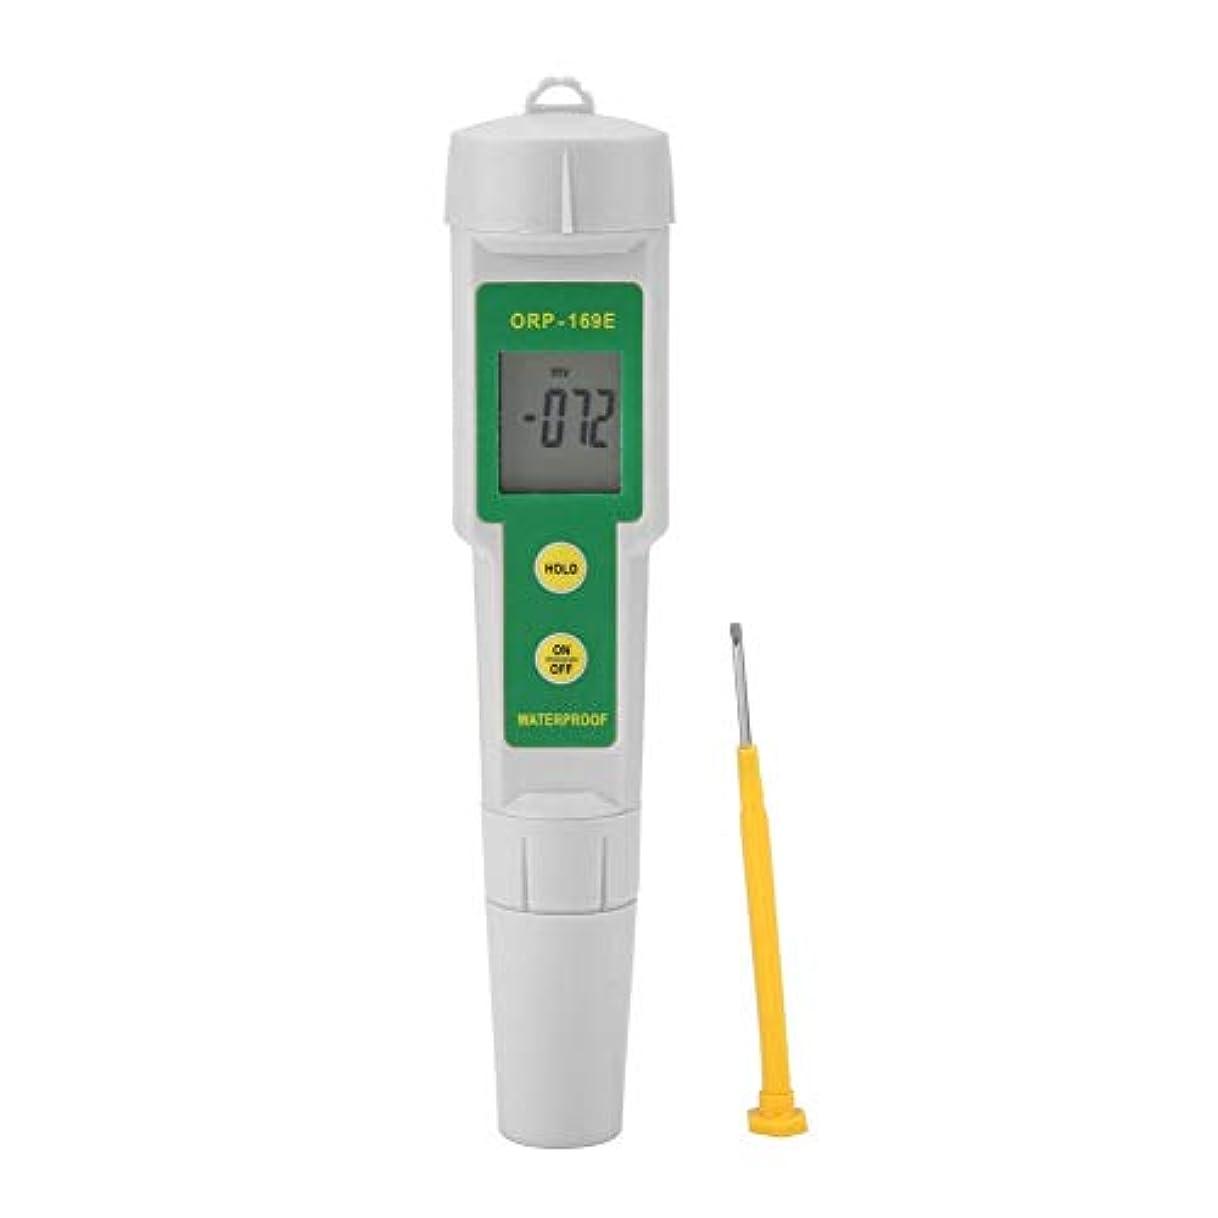 名誉強調ストラップデジタルORPメーター、ORP-169ポータブル水質モニターデジタルORPテスターペン取り外し可能な水ORPメーター